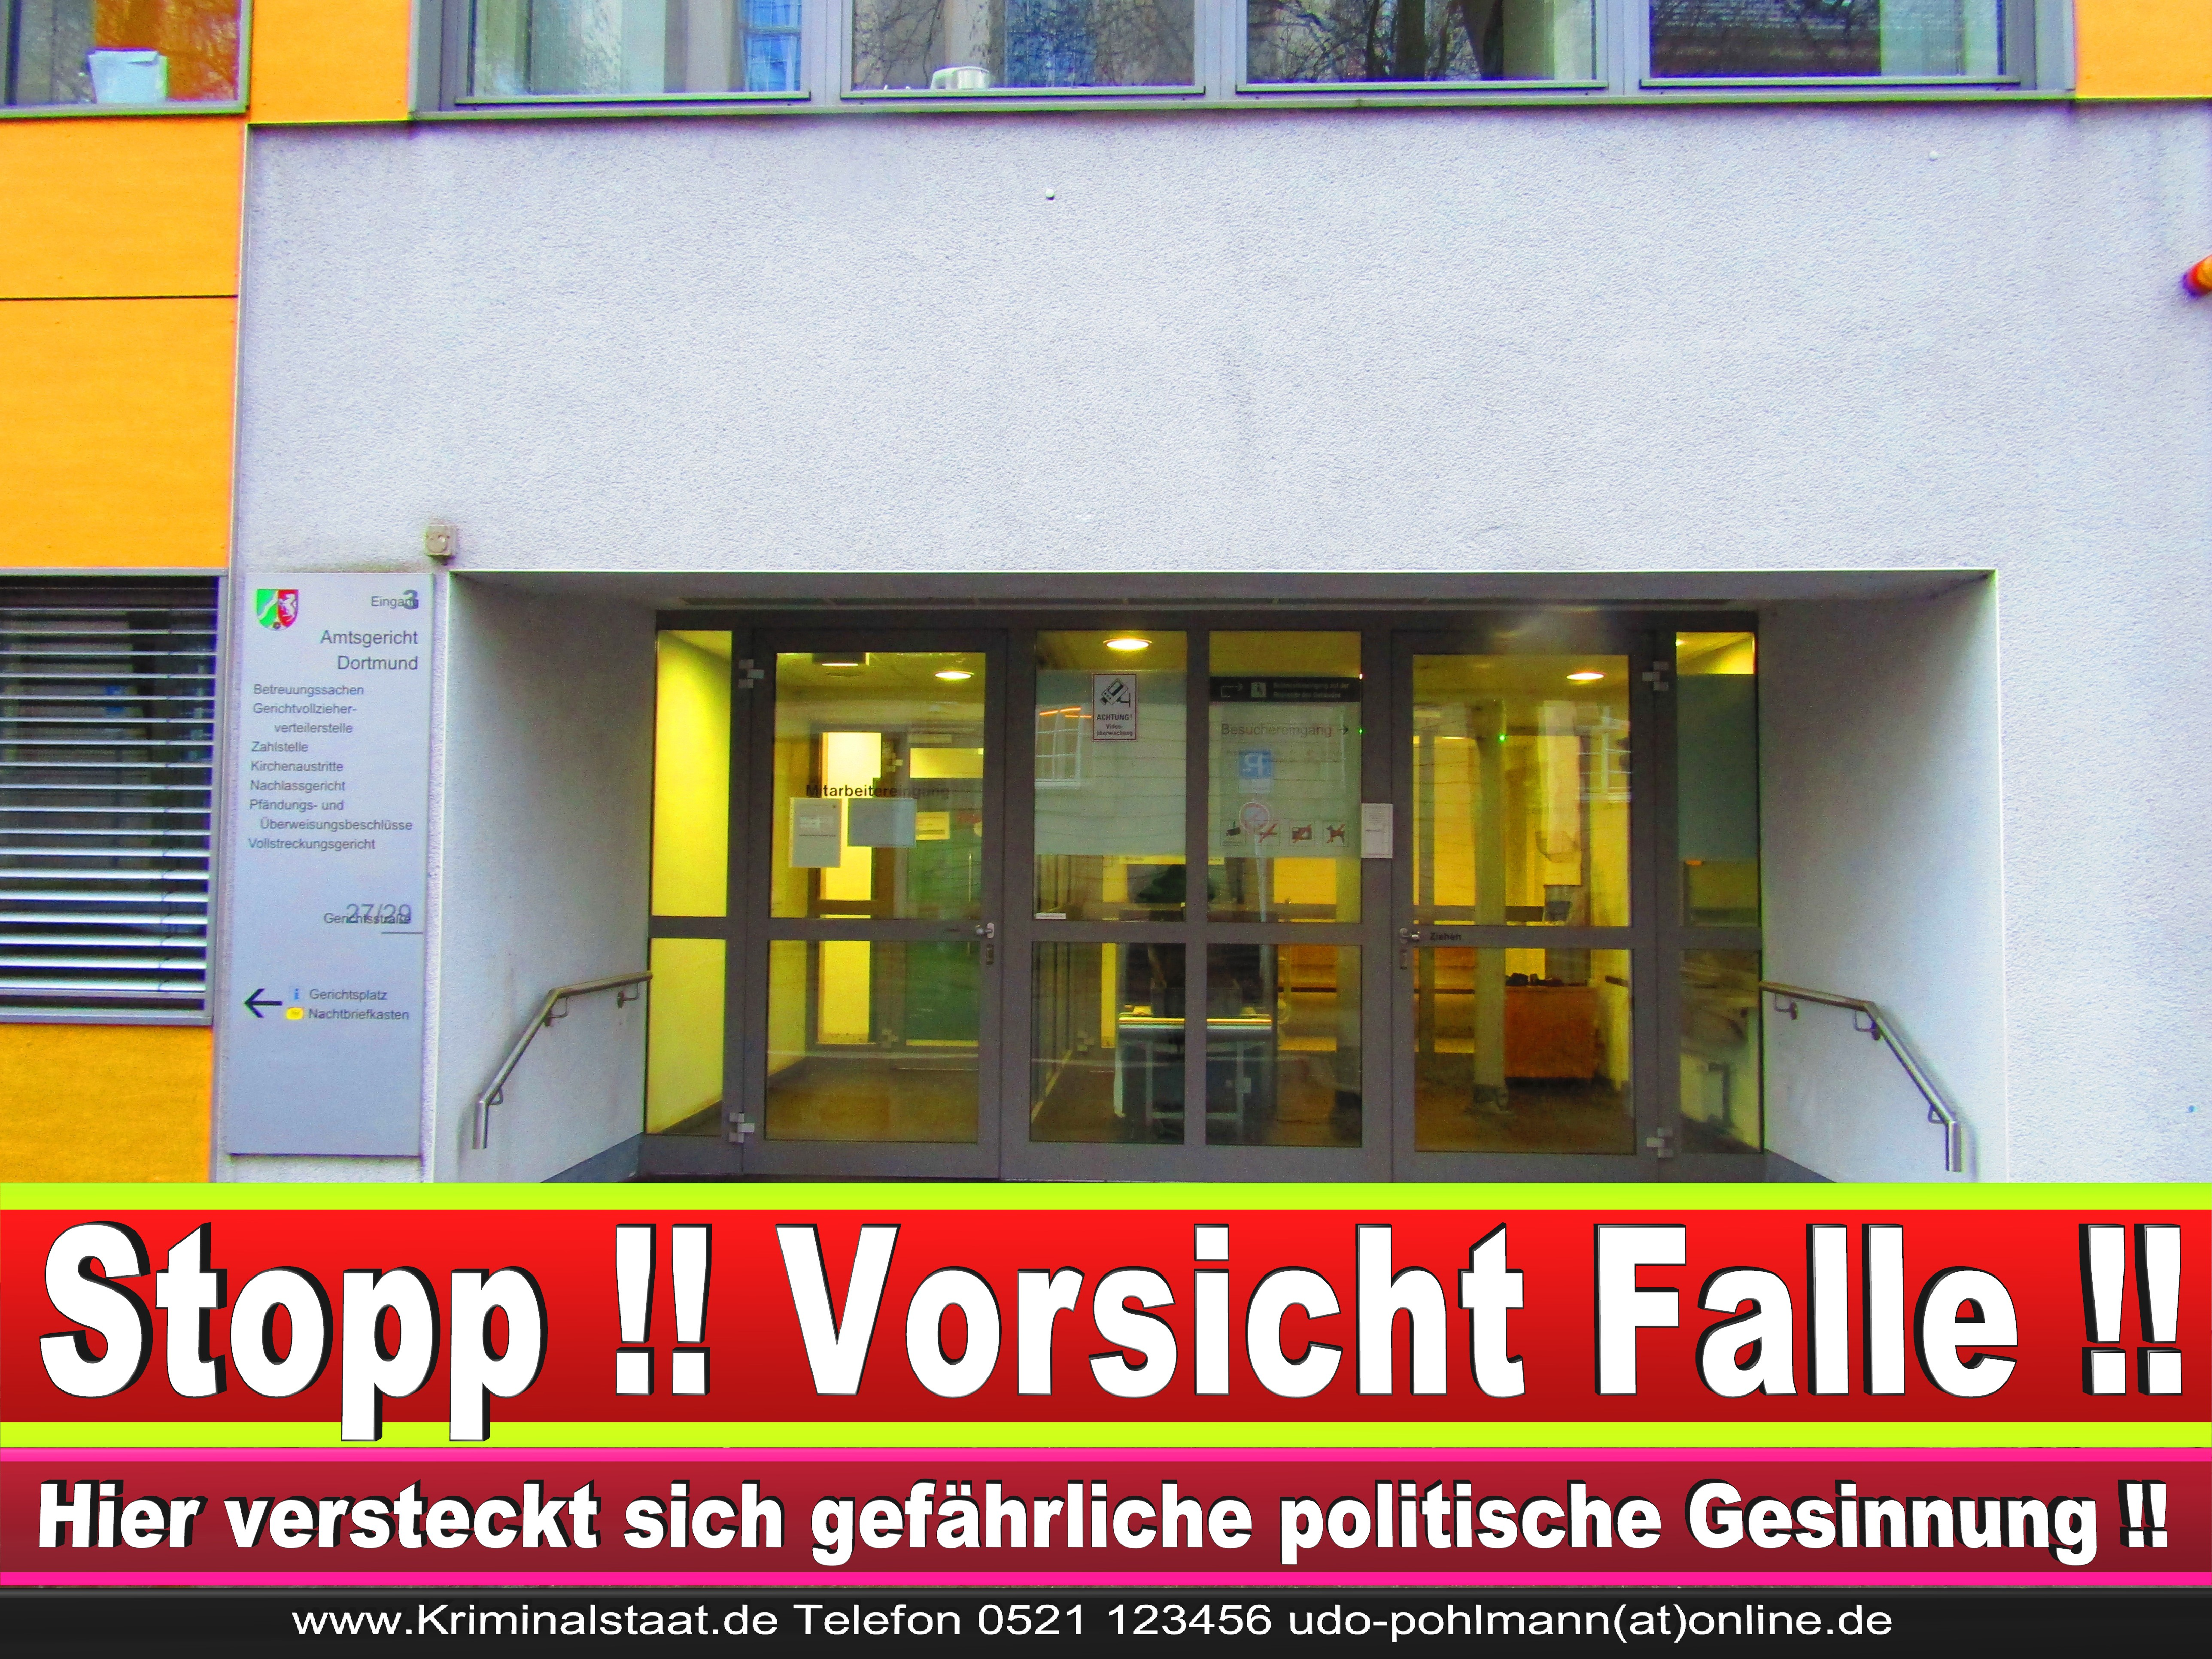 AMTSGERICHT DORTMUND RICHTER AUSBILDUNG PRAKTIKUM ANFAHRT URTEILE KORRUPTION POLIZEI ADRESSE DIREKTOR (11) 1 1